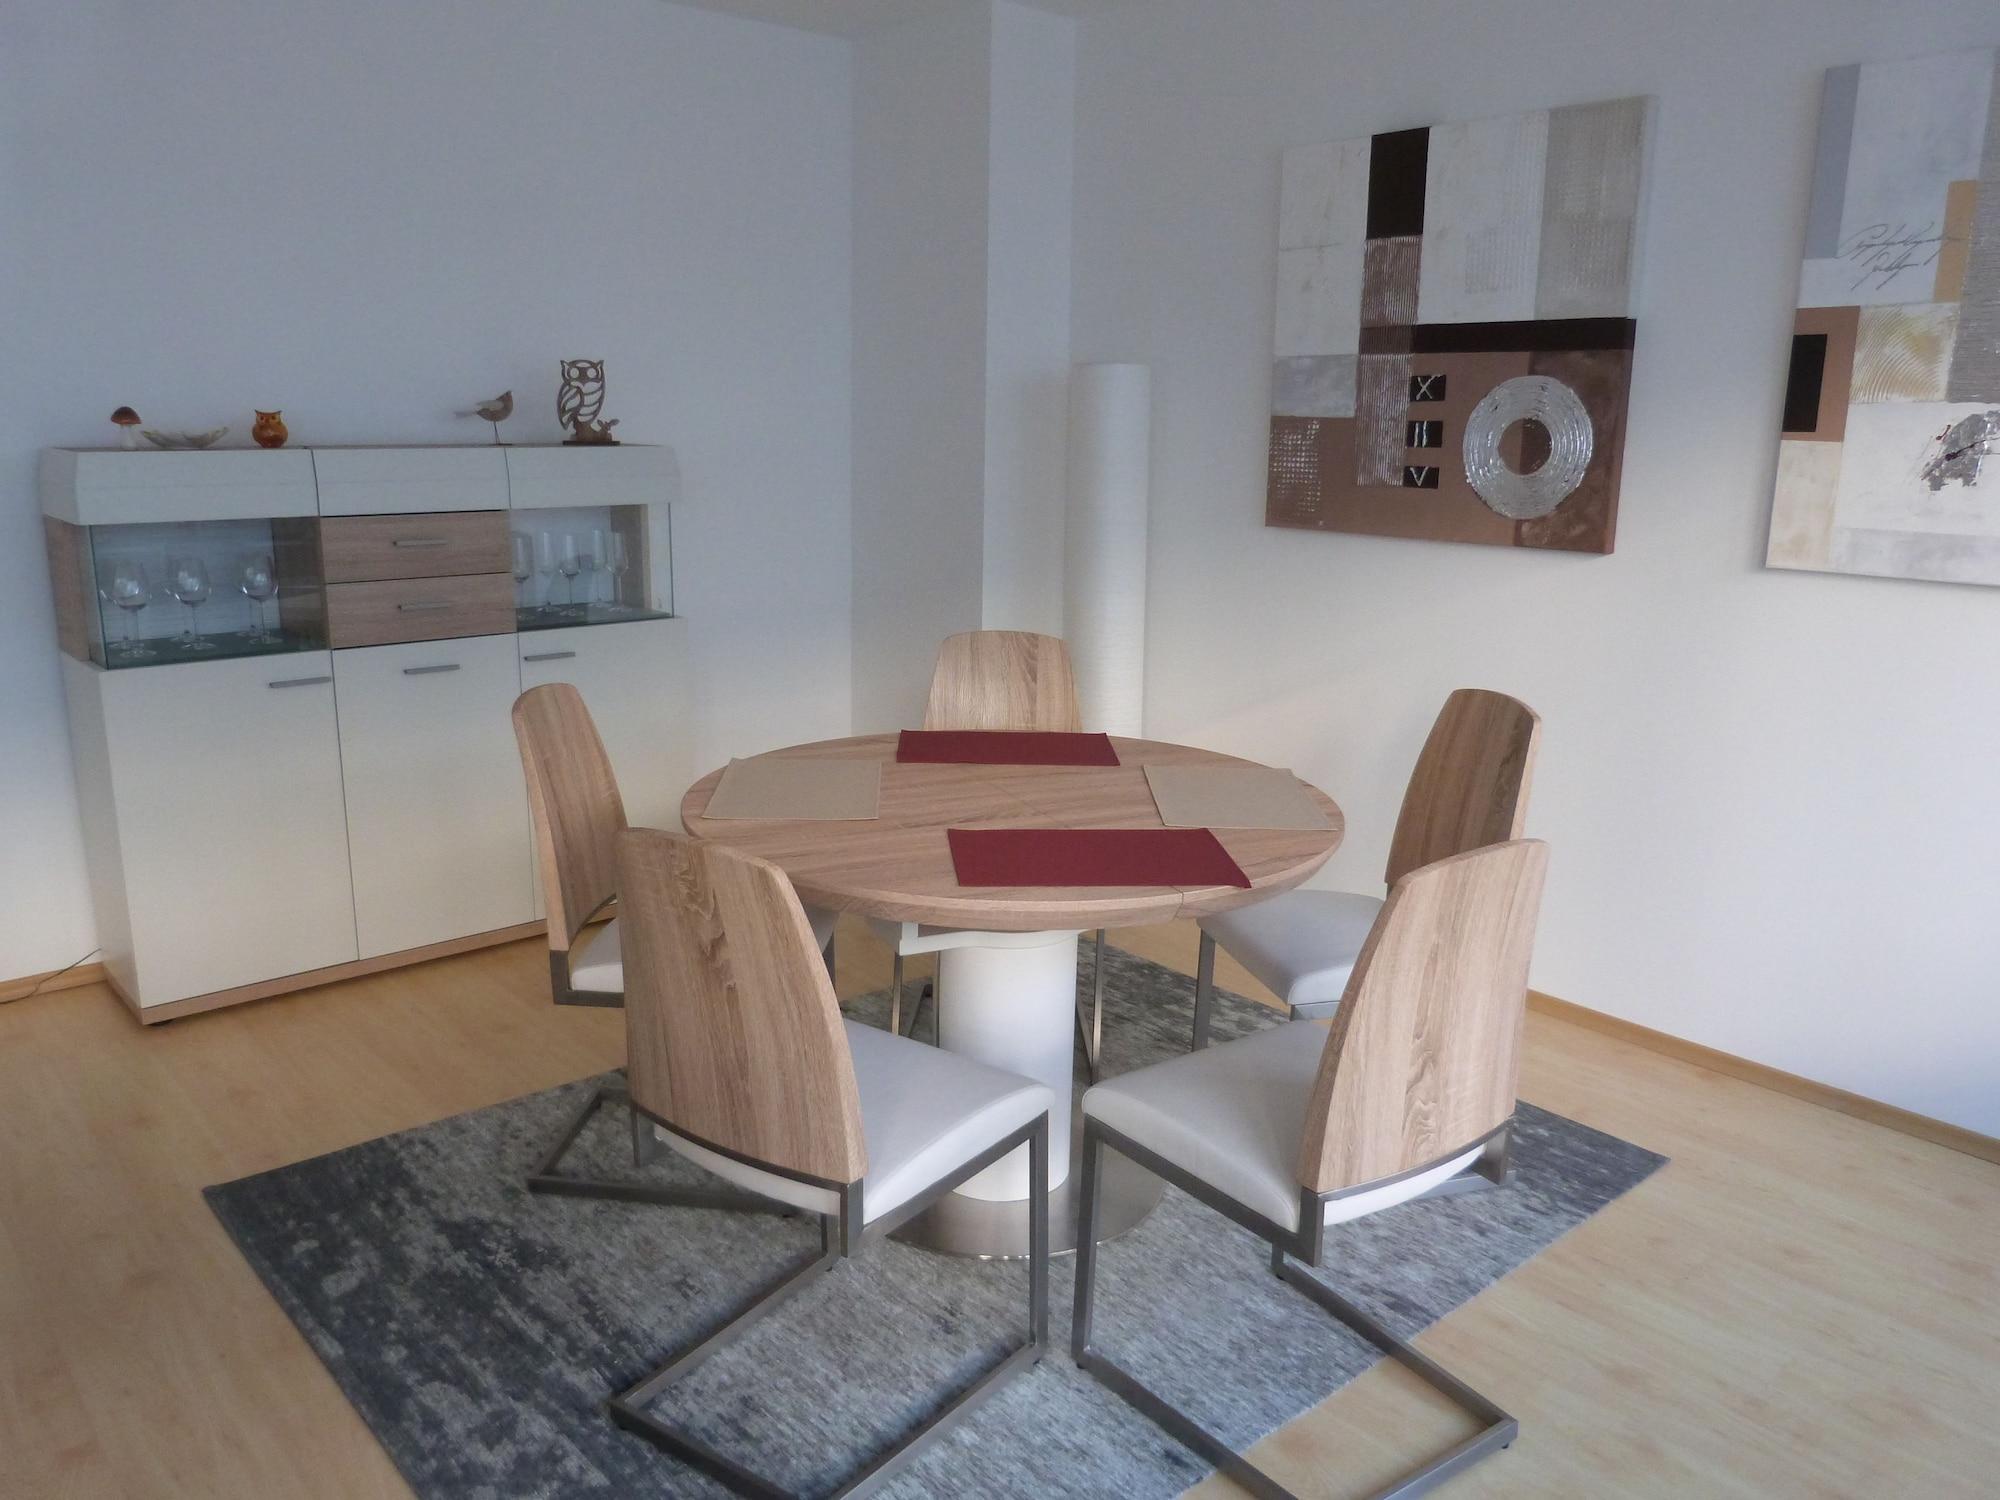 7M Wohnung im Herzen des Ruhrgebiets, Recklinghausen